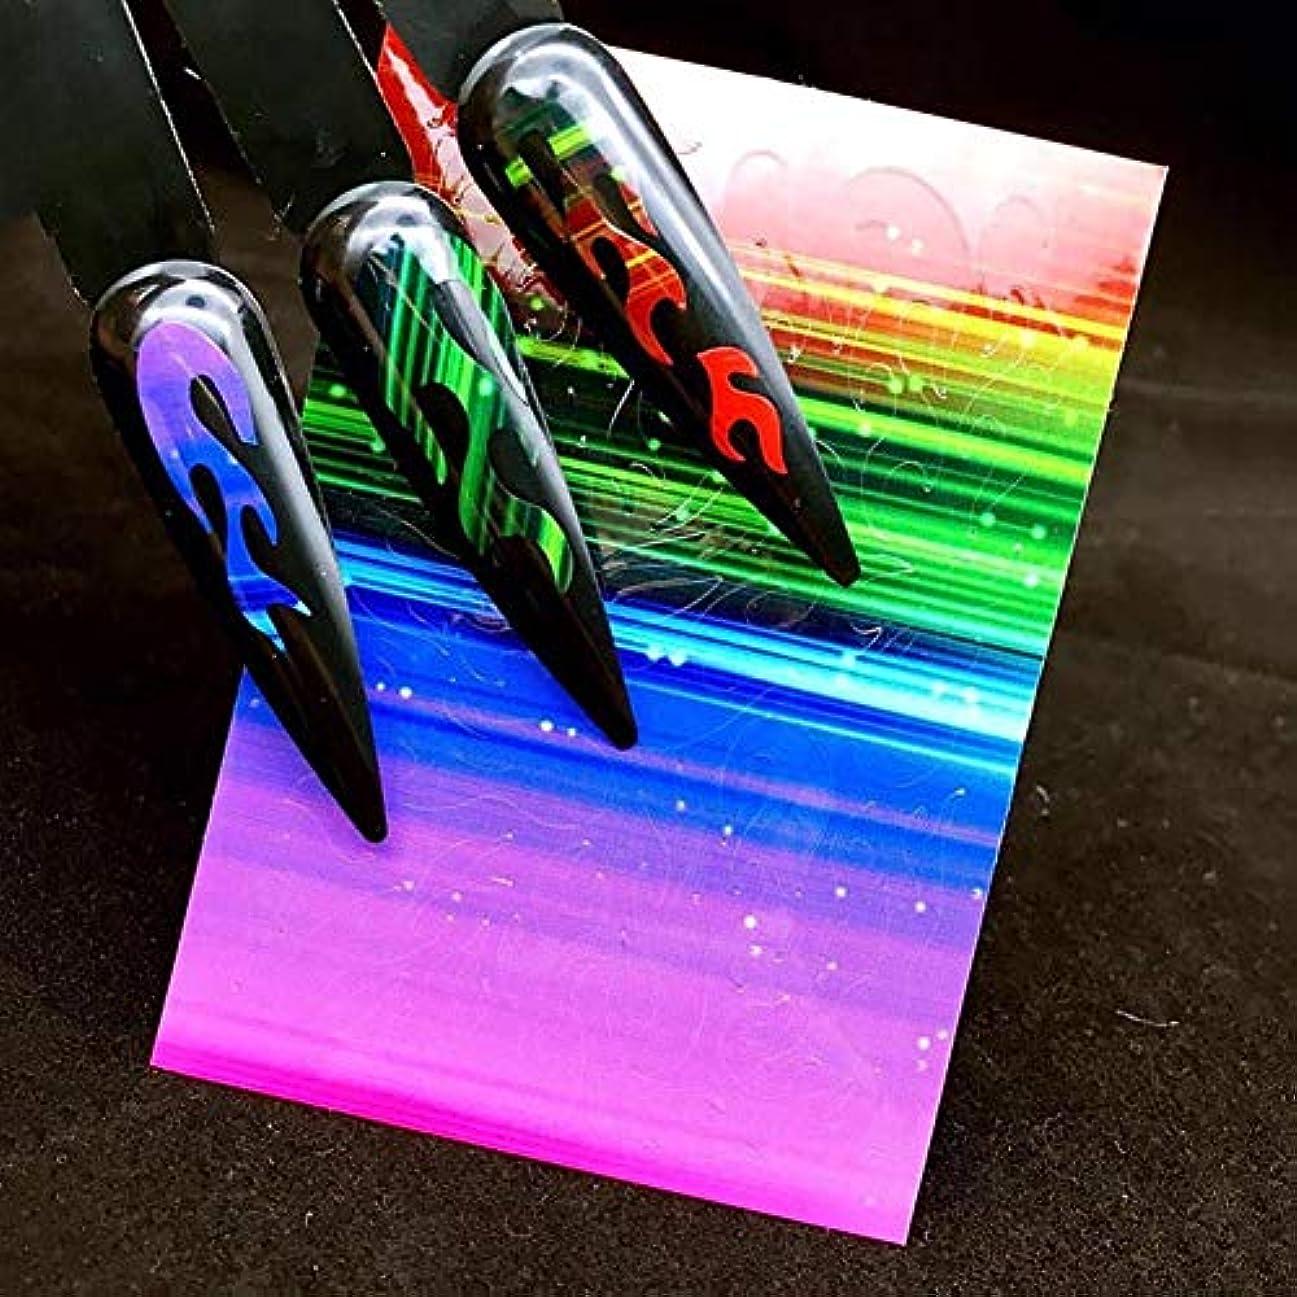 Murakush ネイルステッカー レーザー接着 ステッカー 炎パターン オーロラ マニキュア装飾 ネイルアート デカールツール 4#